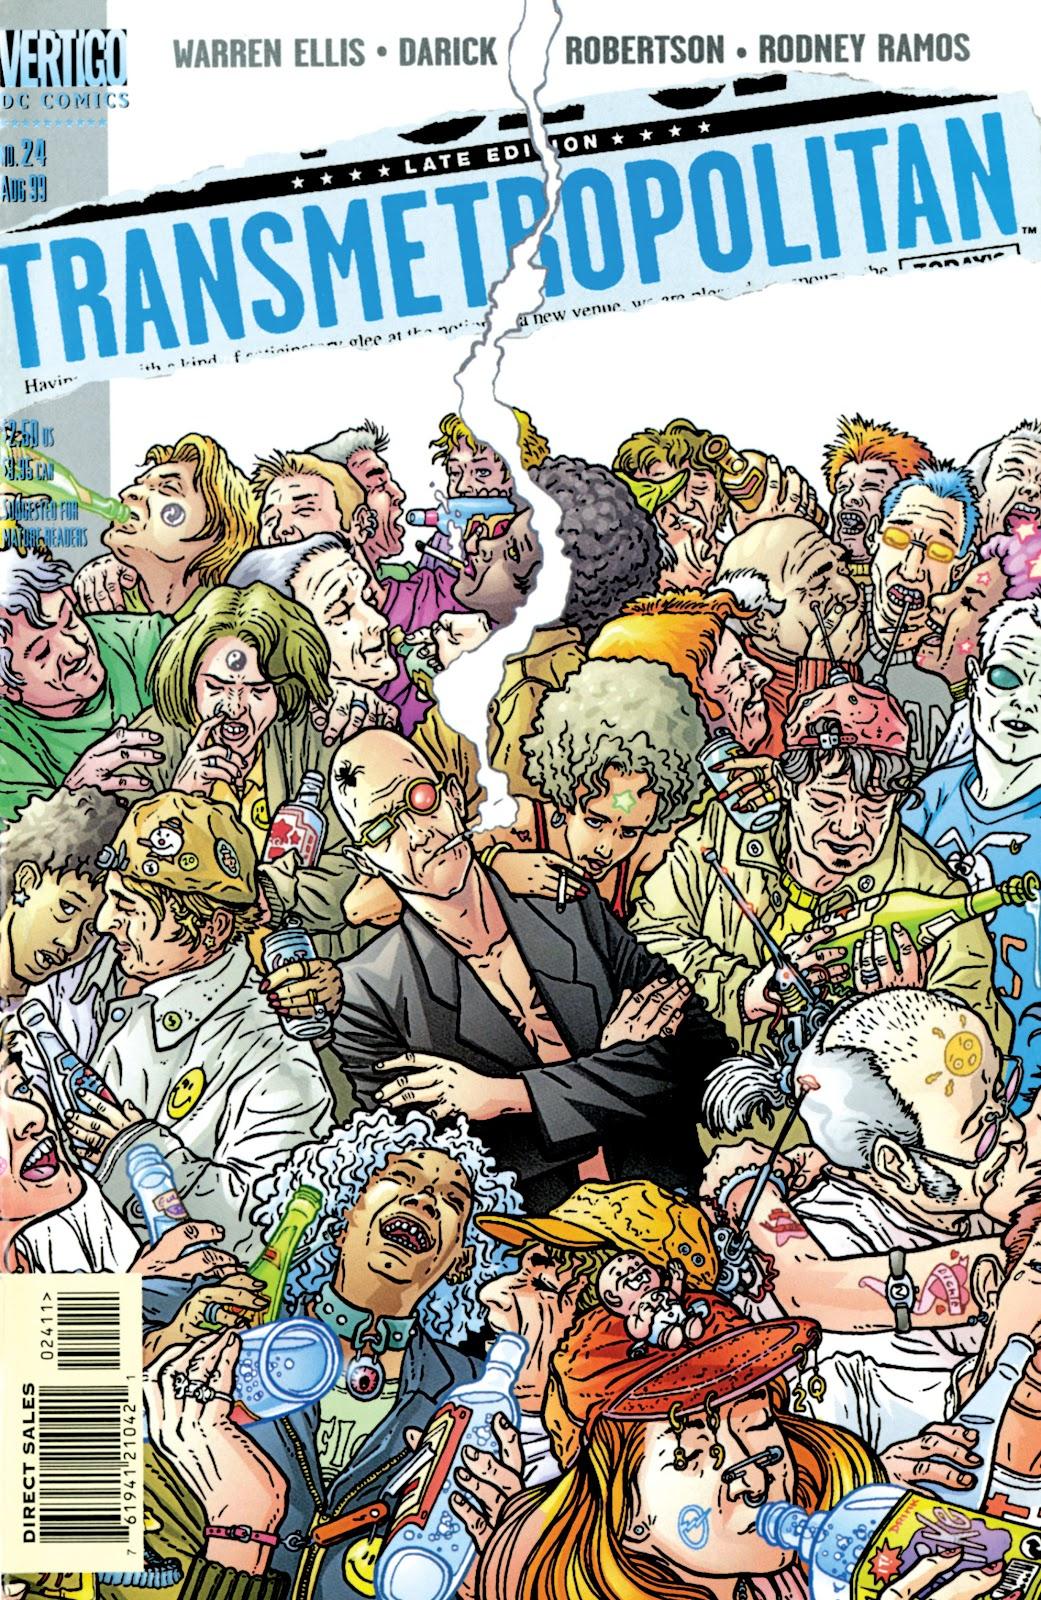 Transmetropolitan 24 Page 1